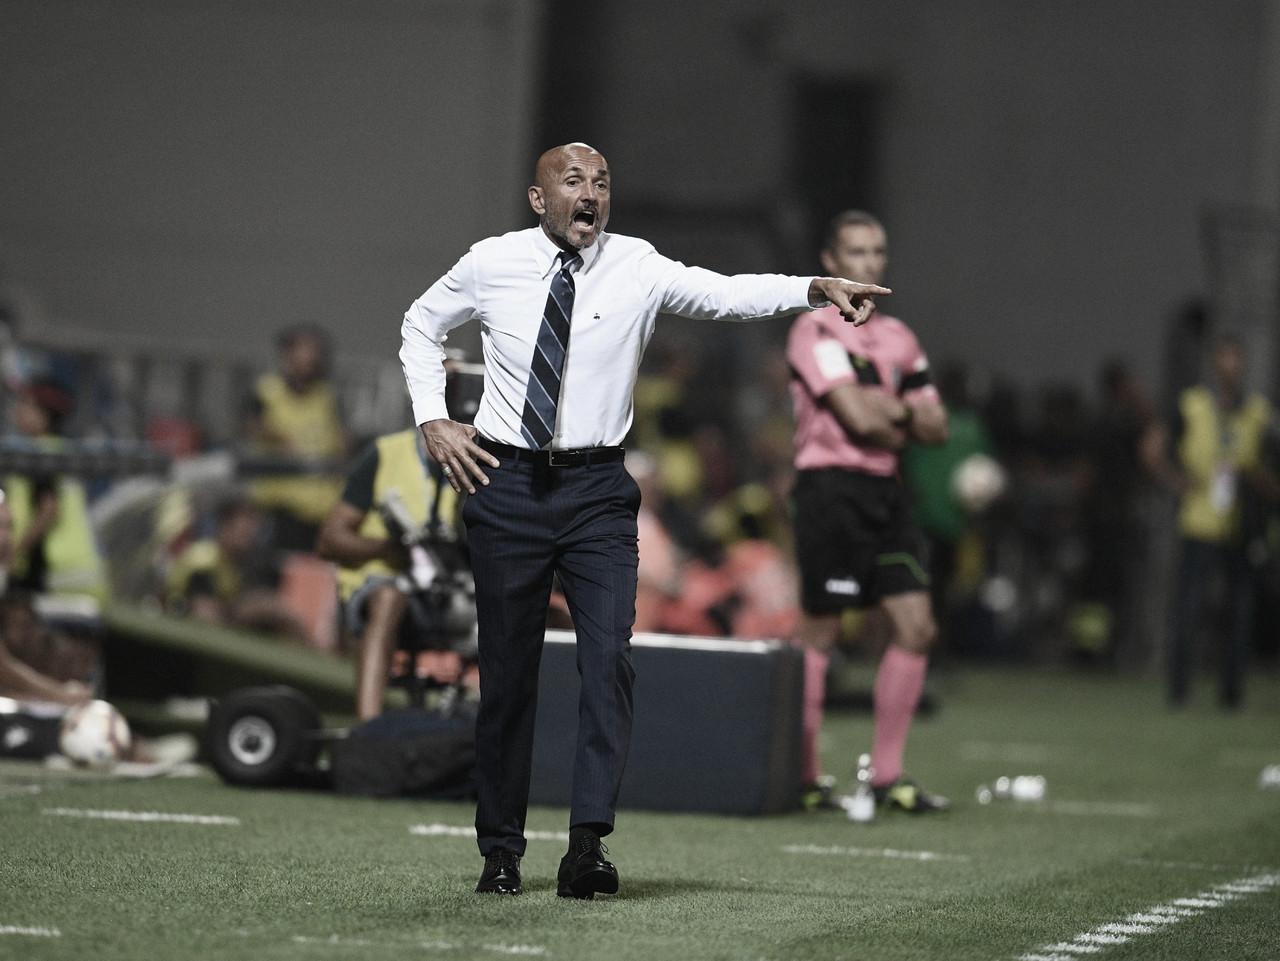 Presidente do Napoli escolhe Luciano Spalletti para substituir Gattuso à beira do gramado